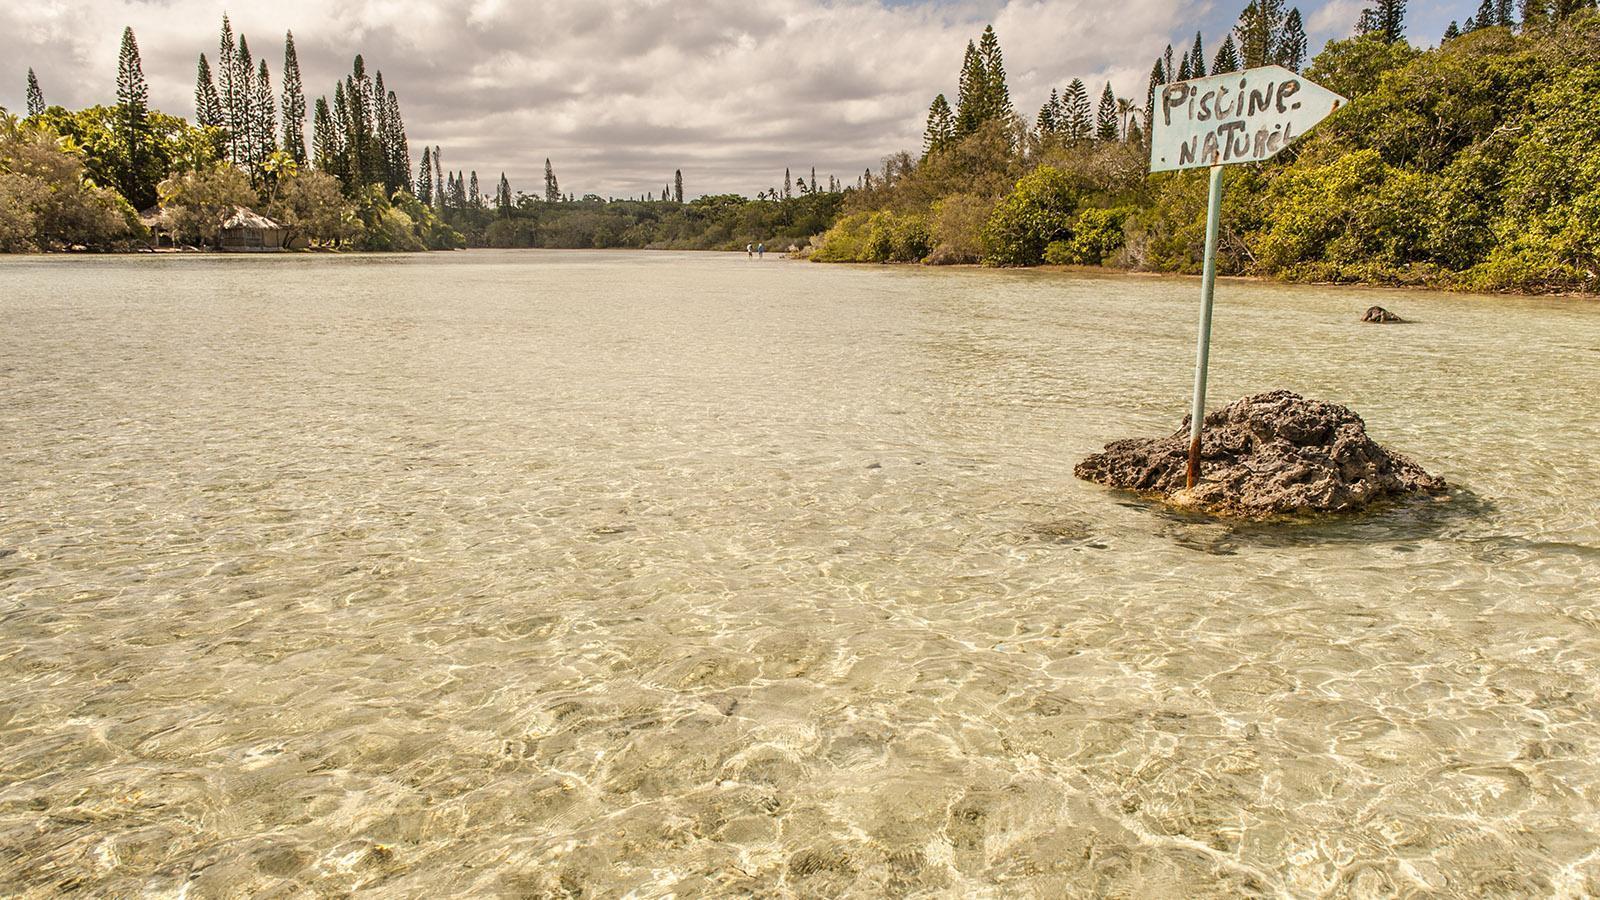 Durch flache Fluten zum Naturpool: Wandern auf der Île des Pins. Foto: Hilke Maunder